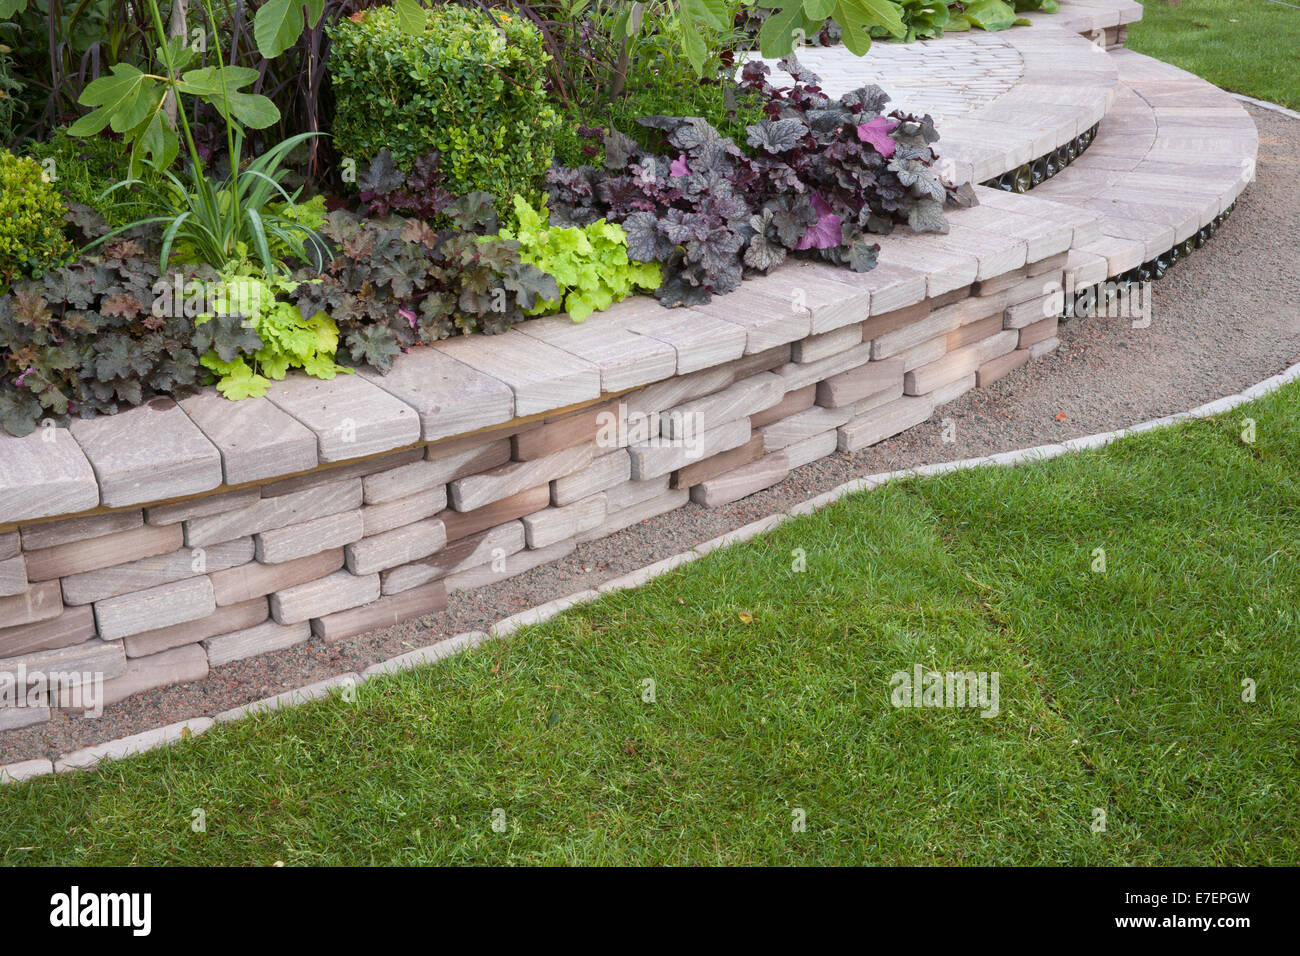 Garten   Bacchus   Mit Blick Auf Garten Steinmauer Ausgelöst Bett Schritte  Rasen Rasen Anpflanzen Von Heuchera Und B